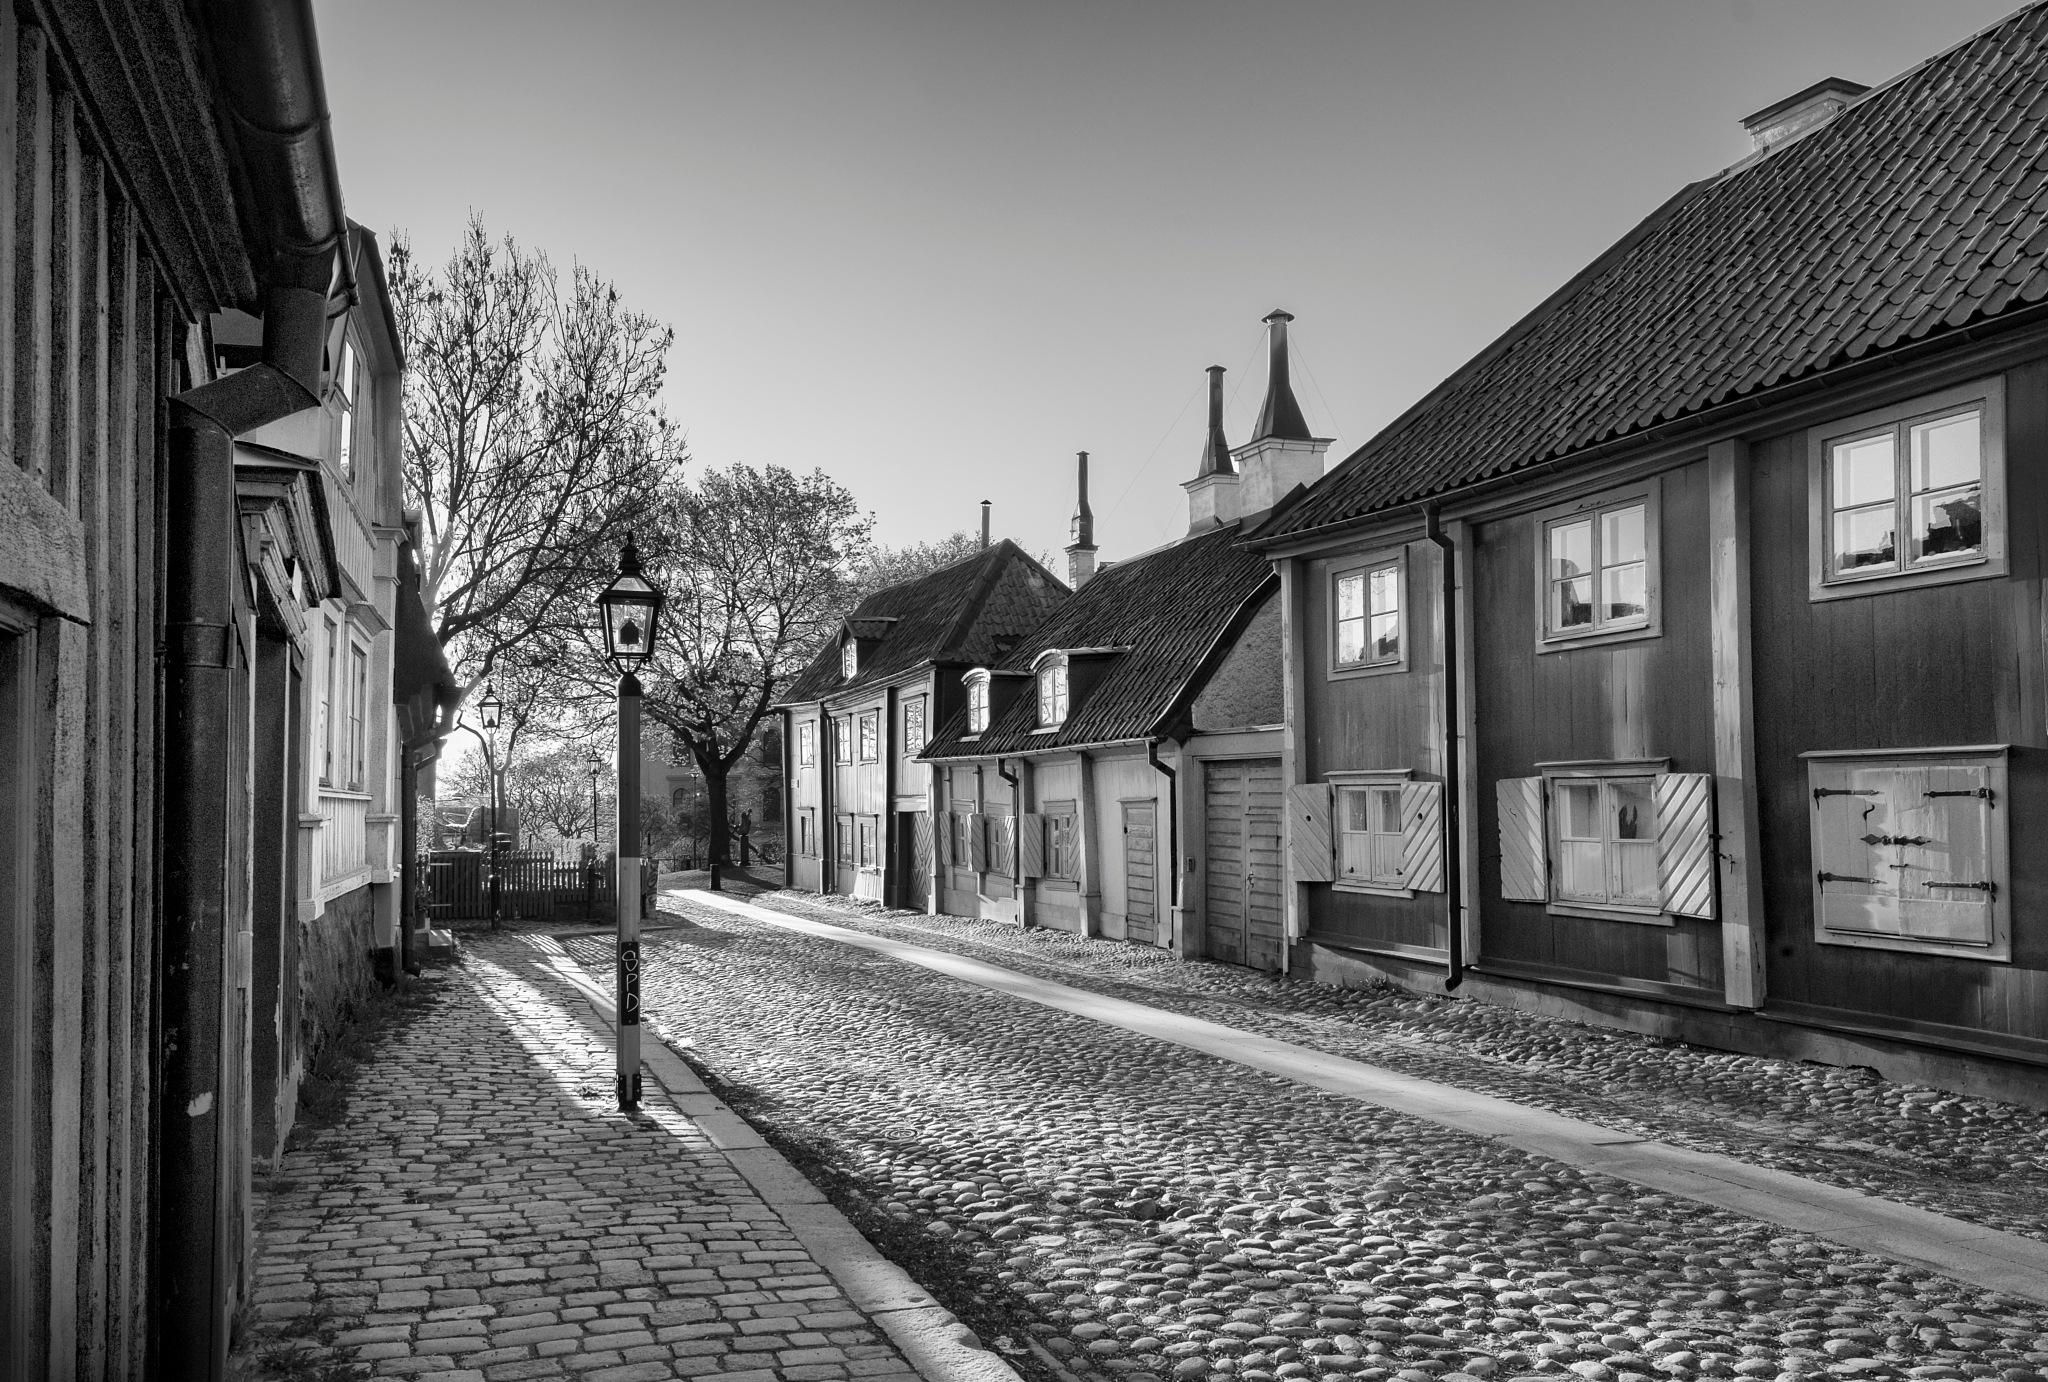 Master Michael's street by Stefan Tyrbo